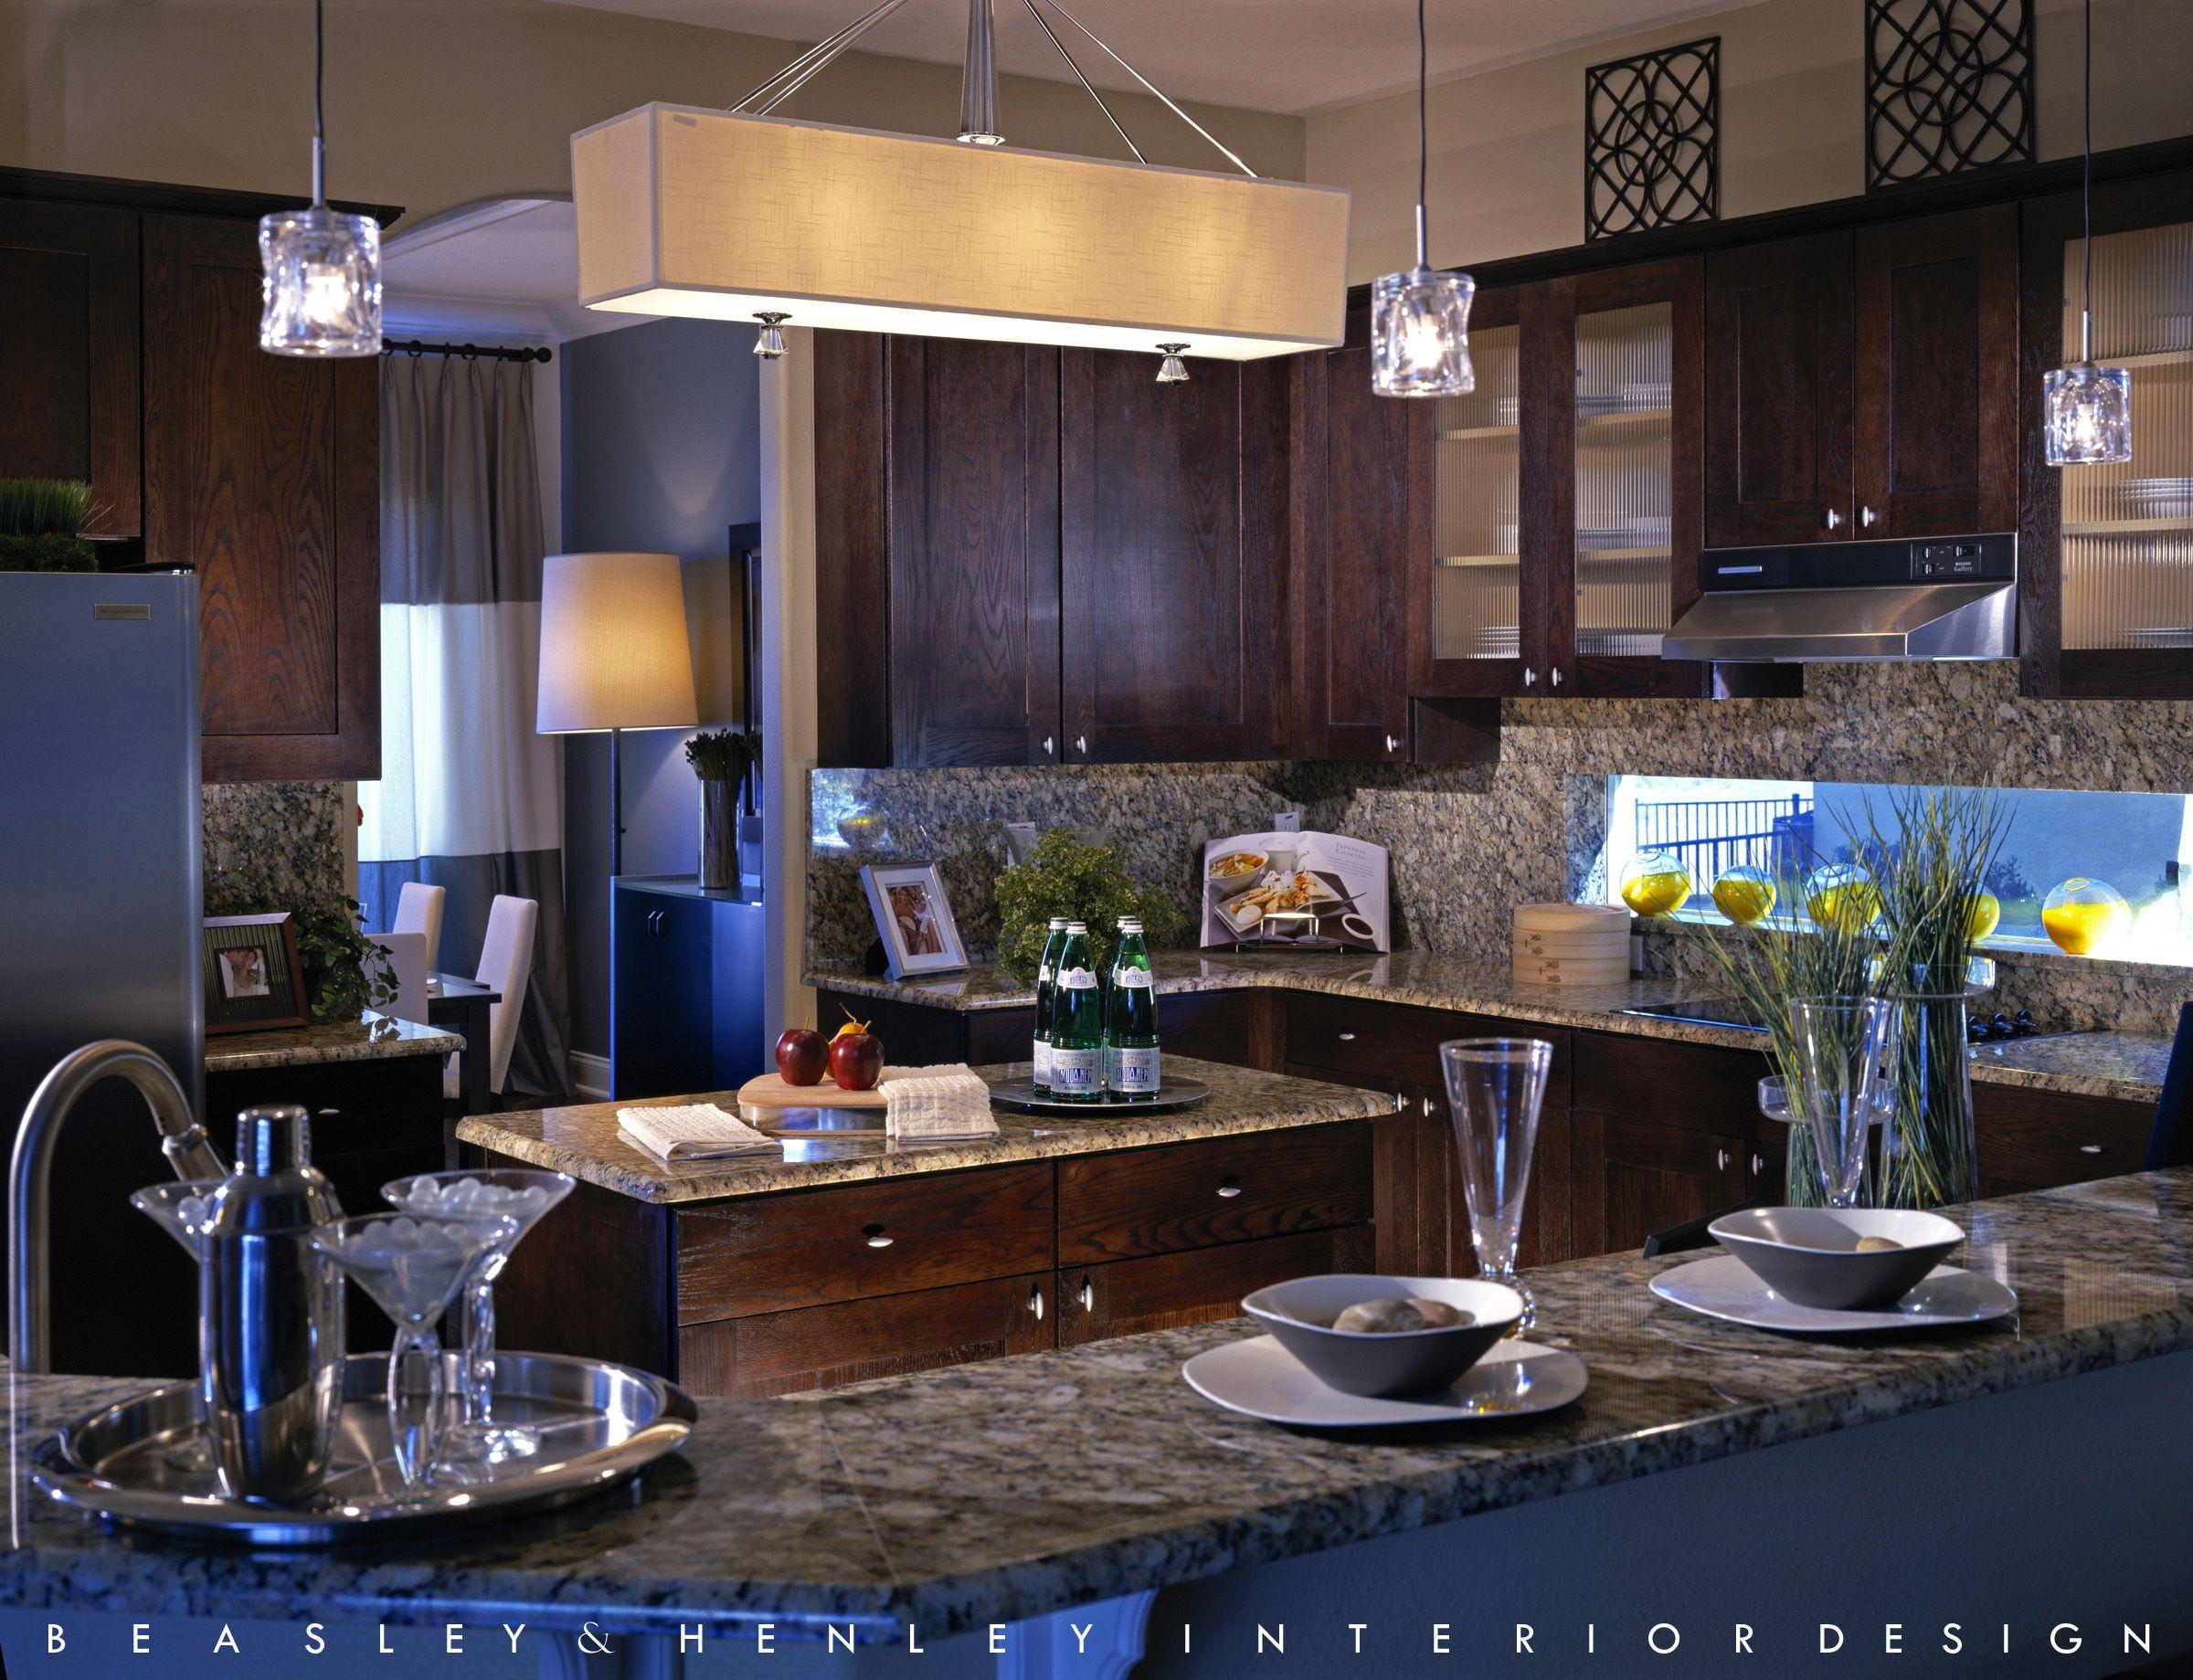 Beasley & Henley Interior Design Winter Park/ Naples FL | Kitchens ...